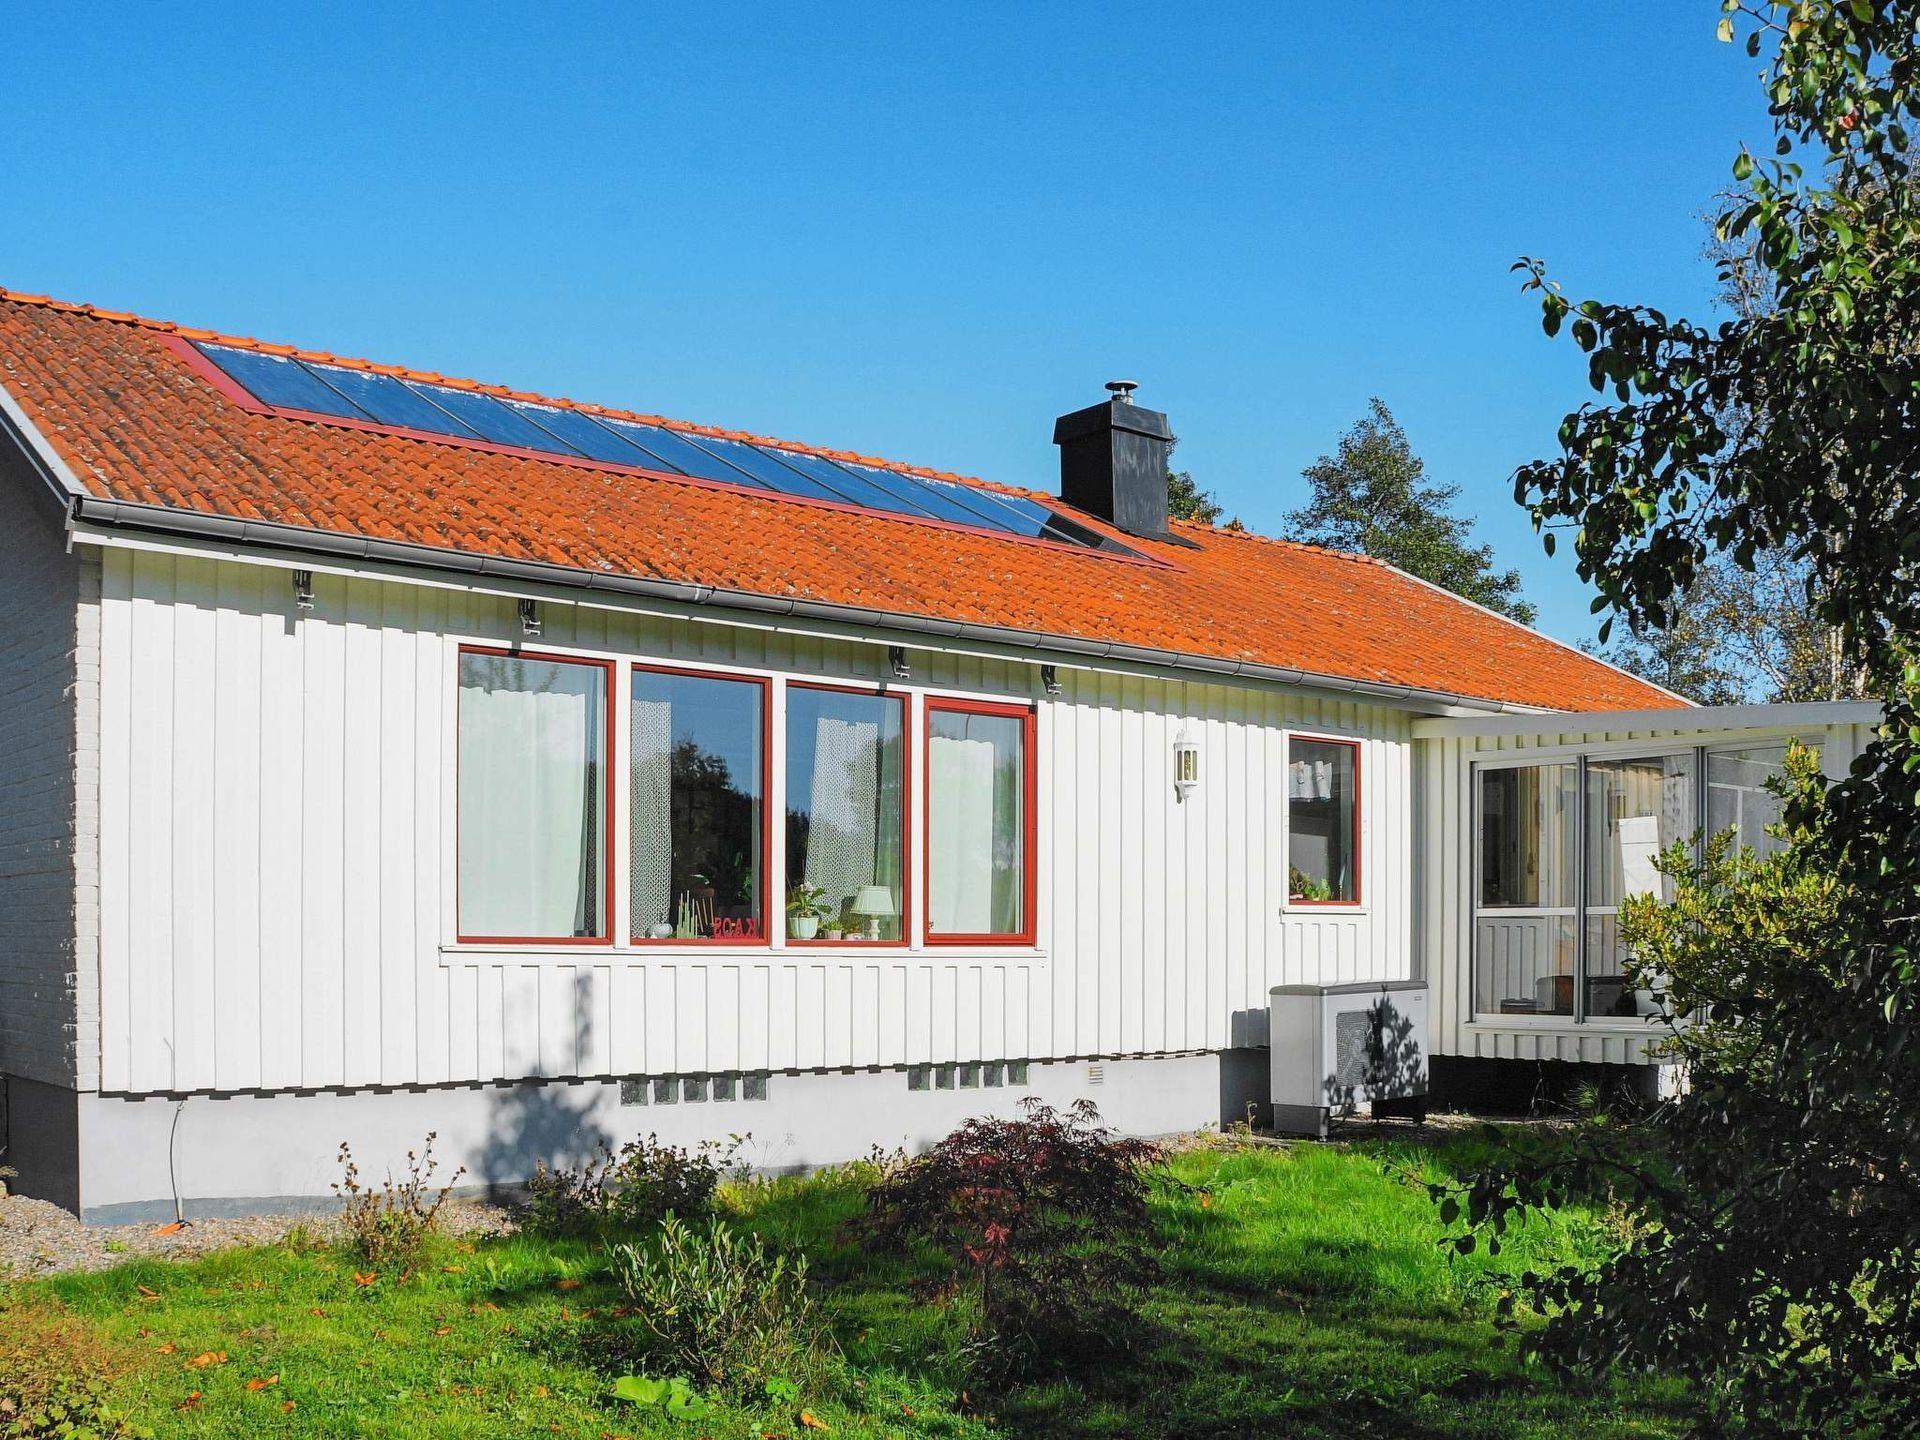 Uthyrningsvilla i Mollsund - Kobbar & Skr Stugfrmedling